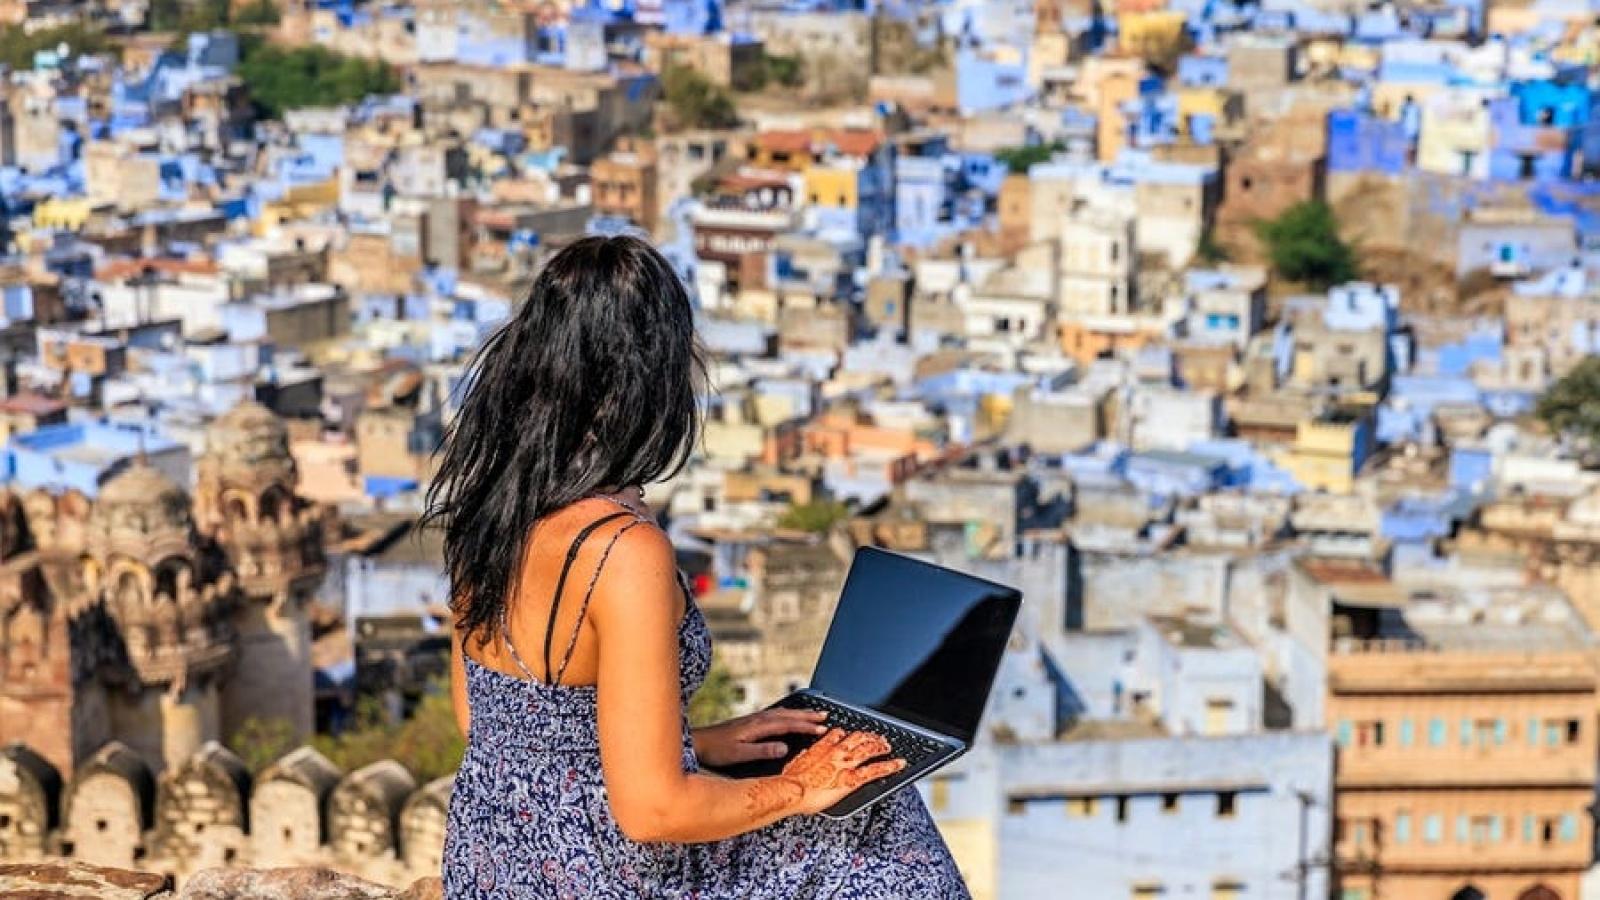 Cơ hội làm việc và du lịch dài hạn tại những nơi nắng vàng, biển xanh